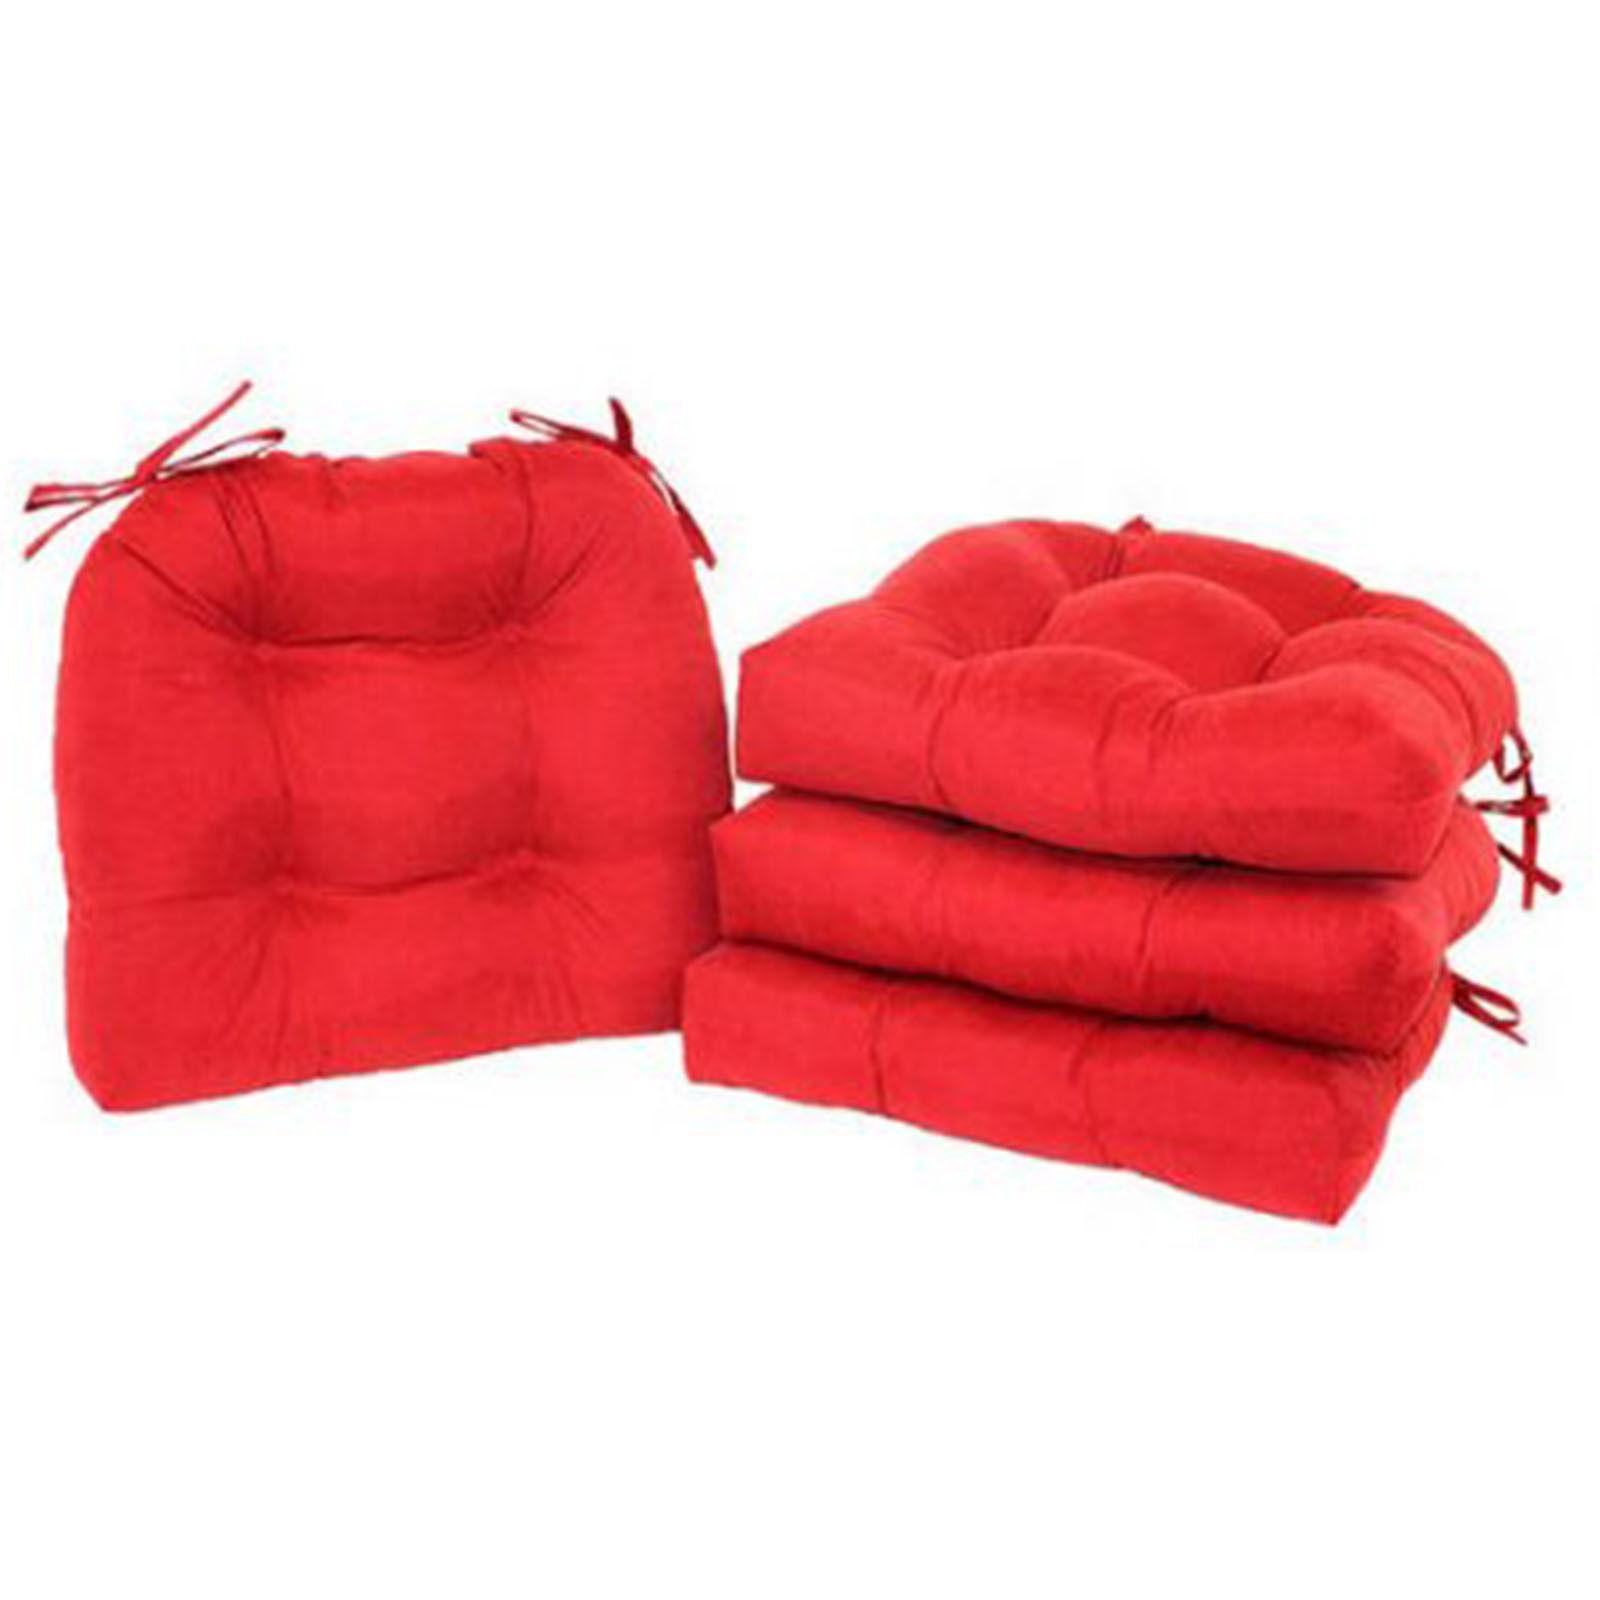 Patio Chair Garden Outdoor Kitchen Soft